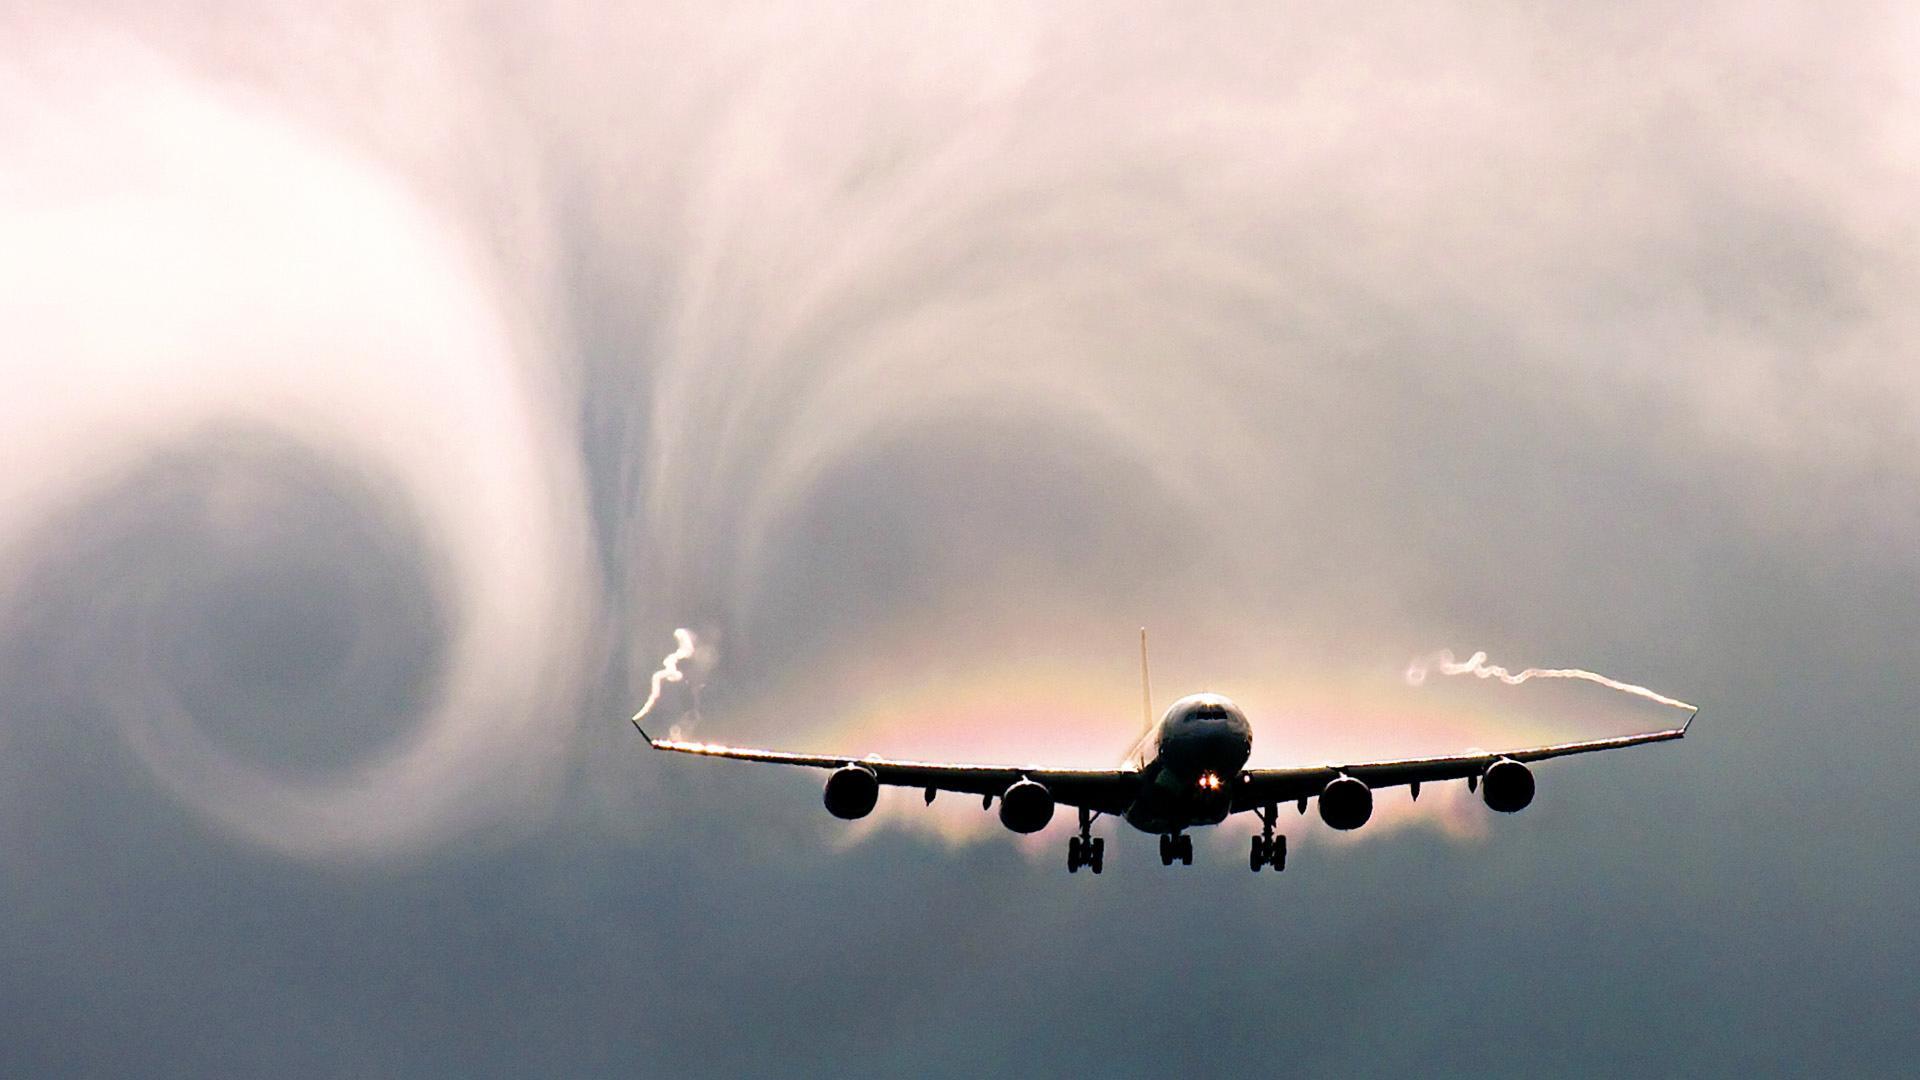 La pasajera que viajó sola en un avión: video